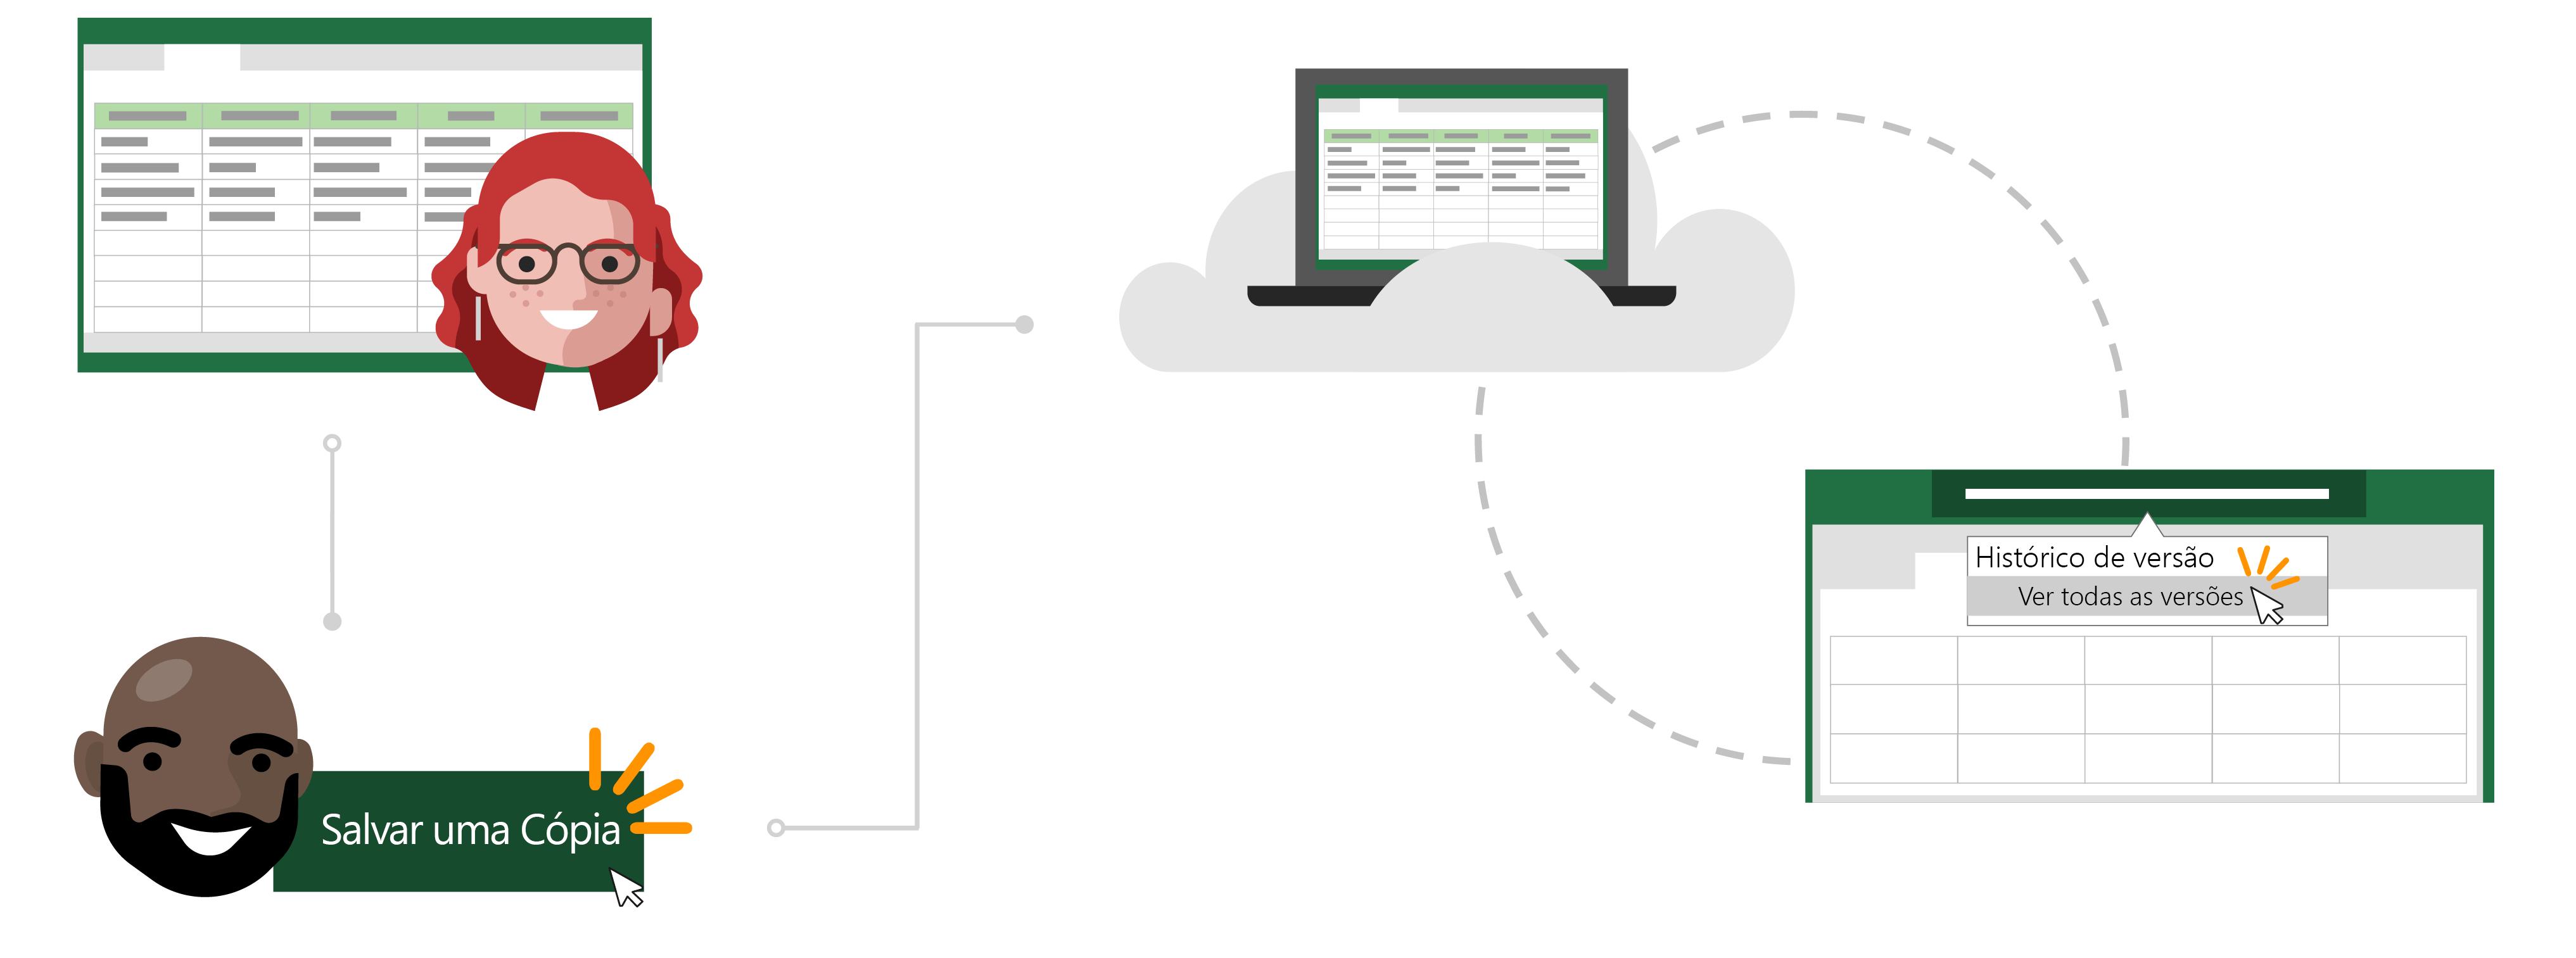 Use um arquivo existente na nuvem como um modelo para um novo arquivo usando salvar uma cópia.